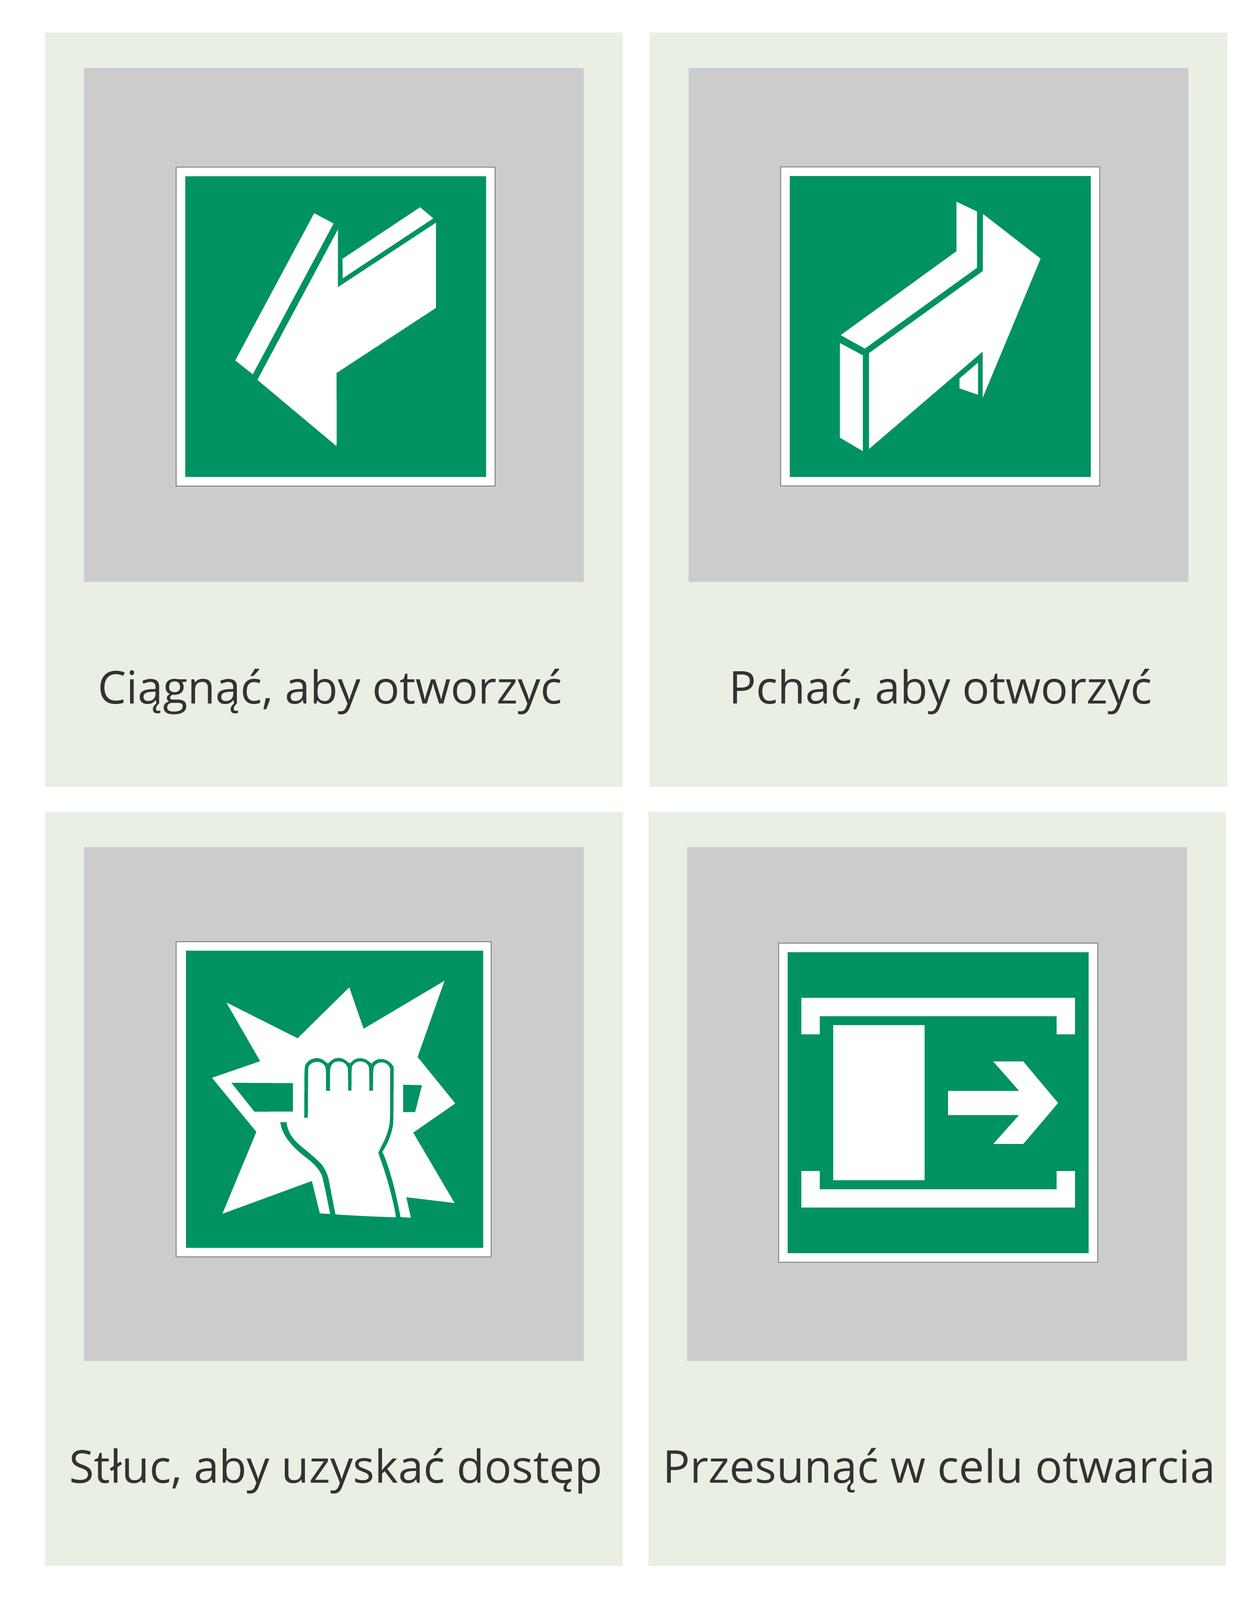 Ilustracja zawiera zestawienie czterech znaków ewakuacyjnych ustawionych pojedynczo wdwóch wierszach idwóch kolumnach. Znaki są podpisane, akażdy ma postać kwadratu zzielonym tłem ibiałymi nadrukami. Wpierwszym rzędzie znajdują się piktogramy umieszczane przy drzwiach ewakuacyjnych ipożarowych oznaczające kierunki ich otwierania. Mają one formę strzałek przedstawionych wrzucie ukośnym (a więc nieco zboku, zefektem trójwymiarowości). Strzałka skierowana wlewy dolny róg ma podpis Ciągnąć aby otworzyć, askierowana wprawy górny róg nosi podpis Pchać aby otworzyć. Wdrugim wierszu zlewej strony piktogram przedstawia dłoń trzymającą podłużny przedmiot na tle białej dziury oposzarpanych kształtach ipodpisany jest Stłuc aby uzyskać dostęp. Ostatni piktogram przedstawia biały prostokąt zodchodzącą od niego strzałką wskazującą wprawo, augóry iudołu tego obrazka znajdują się białe poziome pasy. Podpis głosi: Przesunąć wcelu otwarcia.